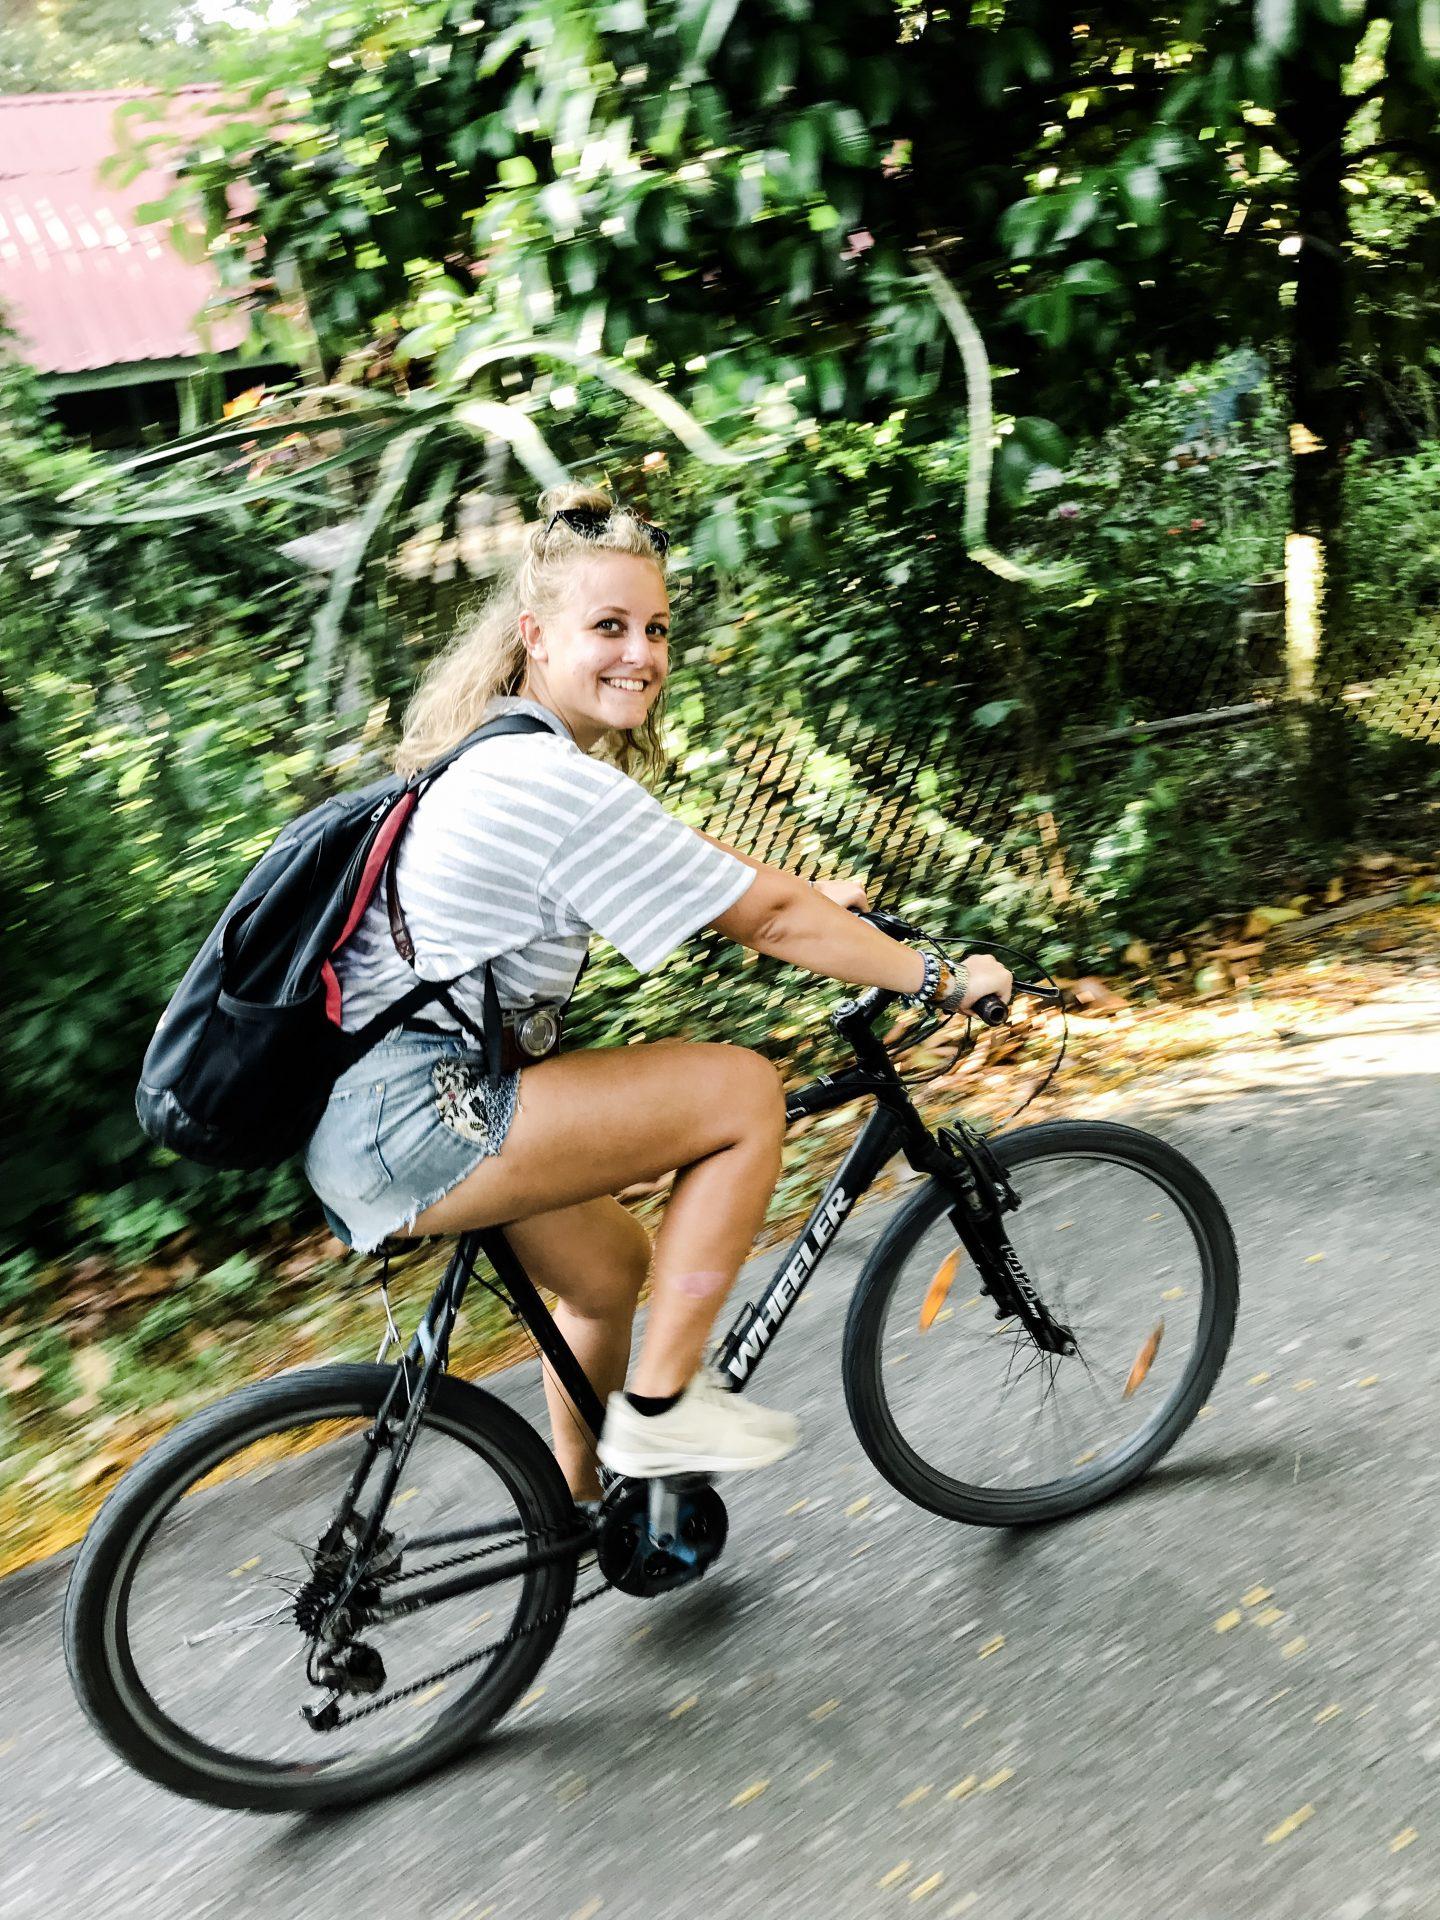 Pulau Ubin: me on a bike